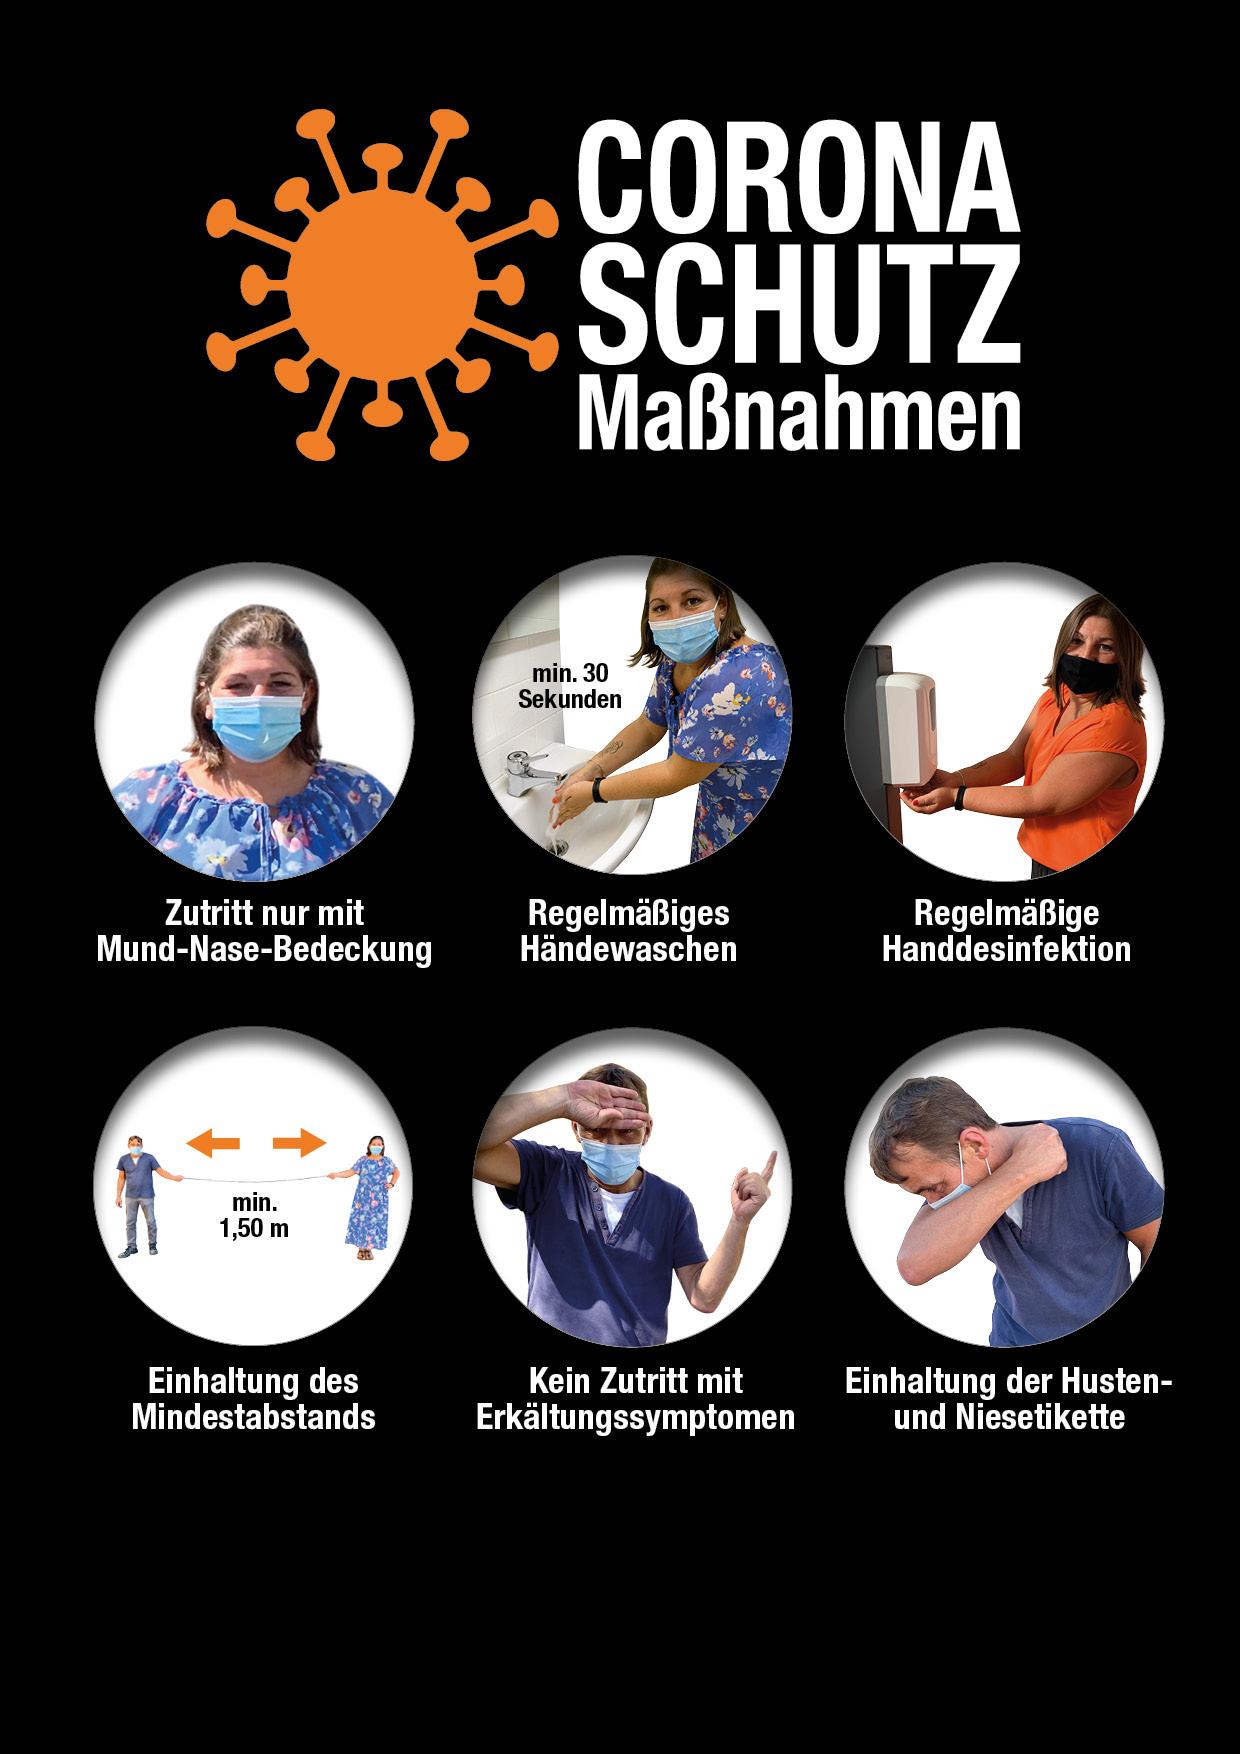 Ein umfangreiches Hygiene- und Infektionsschutzkonzept soll die Sicherheit der Fachbesucher und Aussteller garantieren.